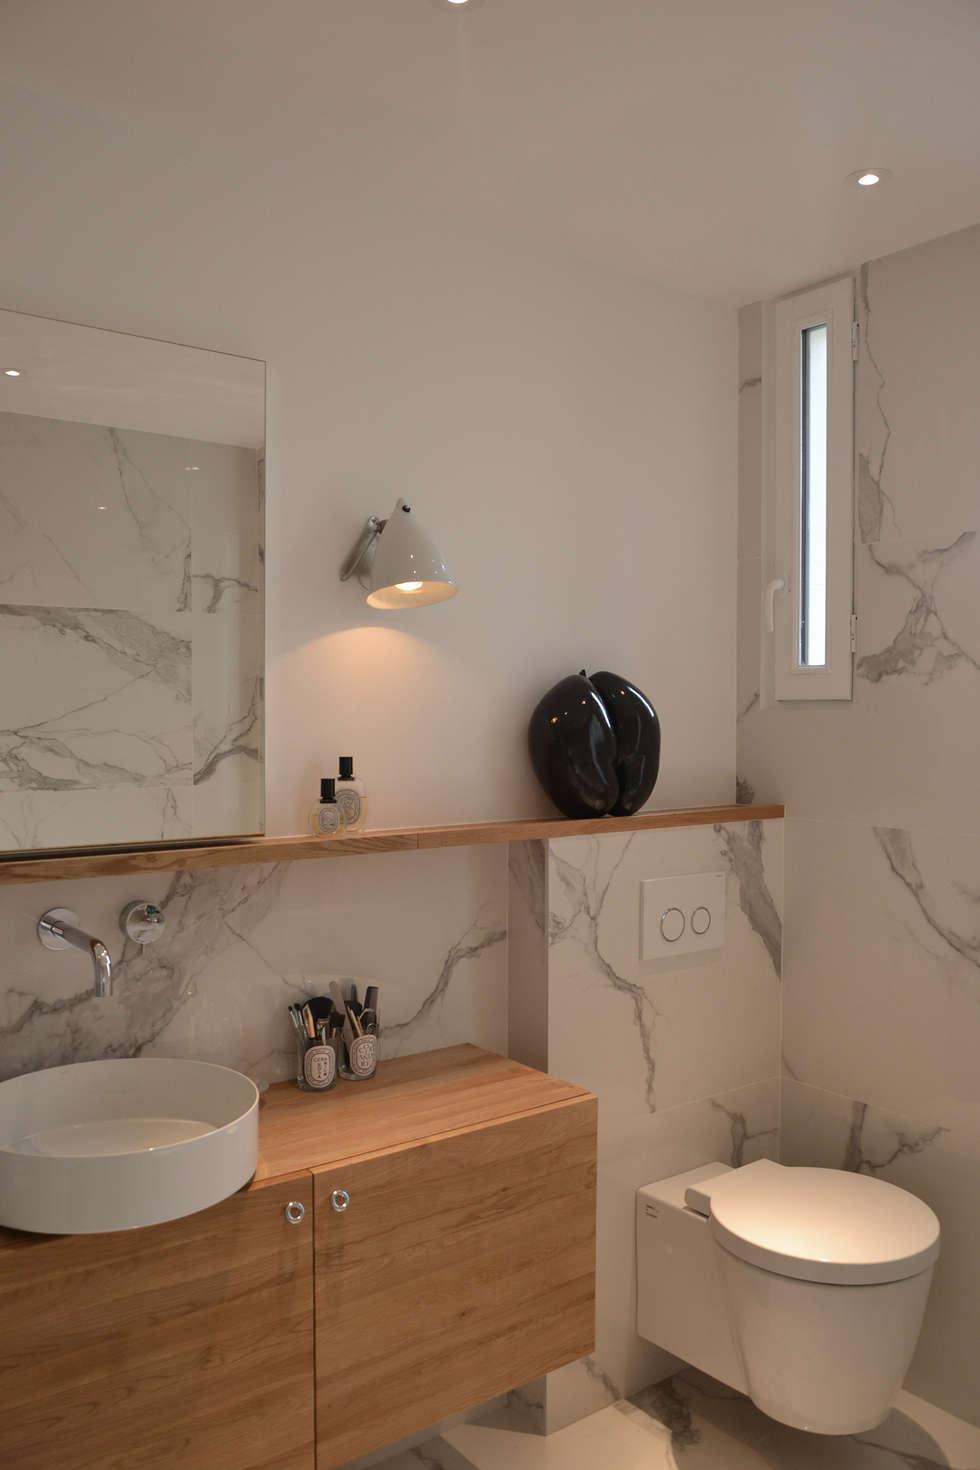 Salle de bain - Appartement Paris 15e: Salle de bains de style  par A comme Archi